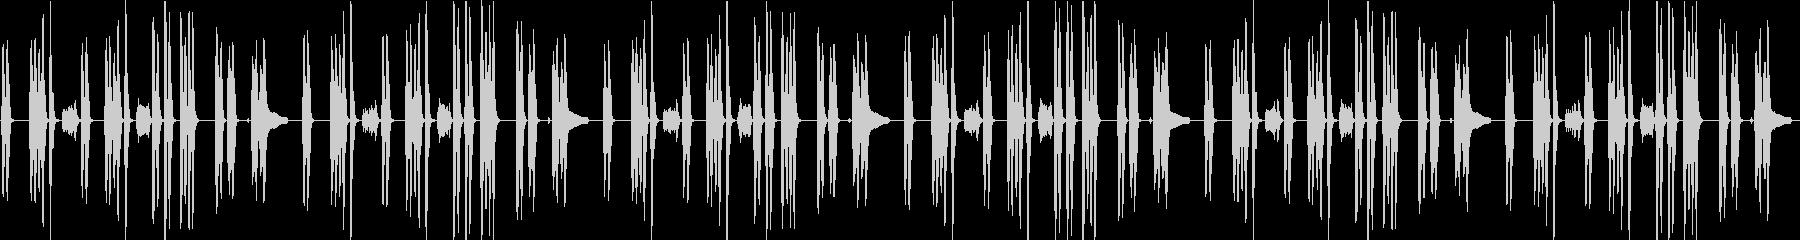 少し暗めな日常BGMクラリネットの未再生の波形